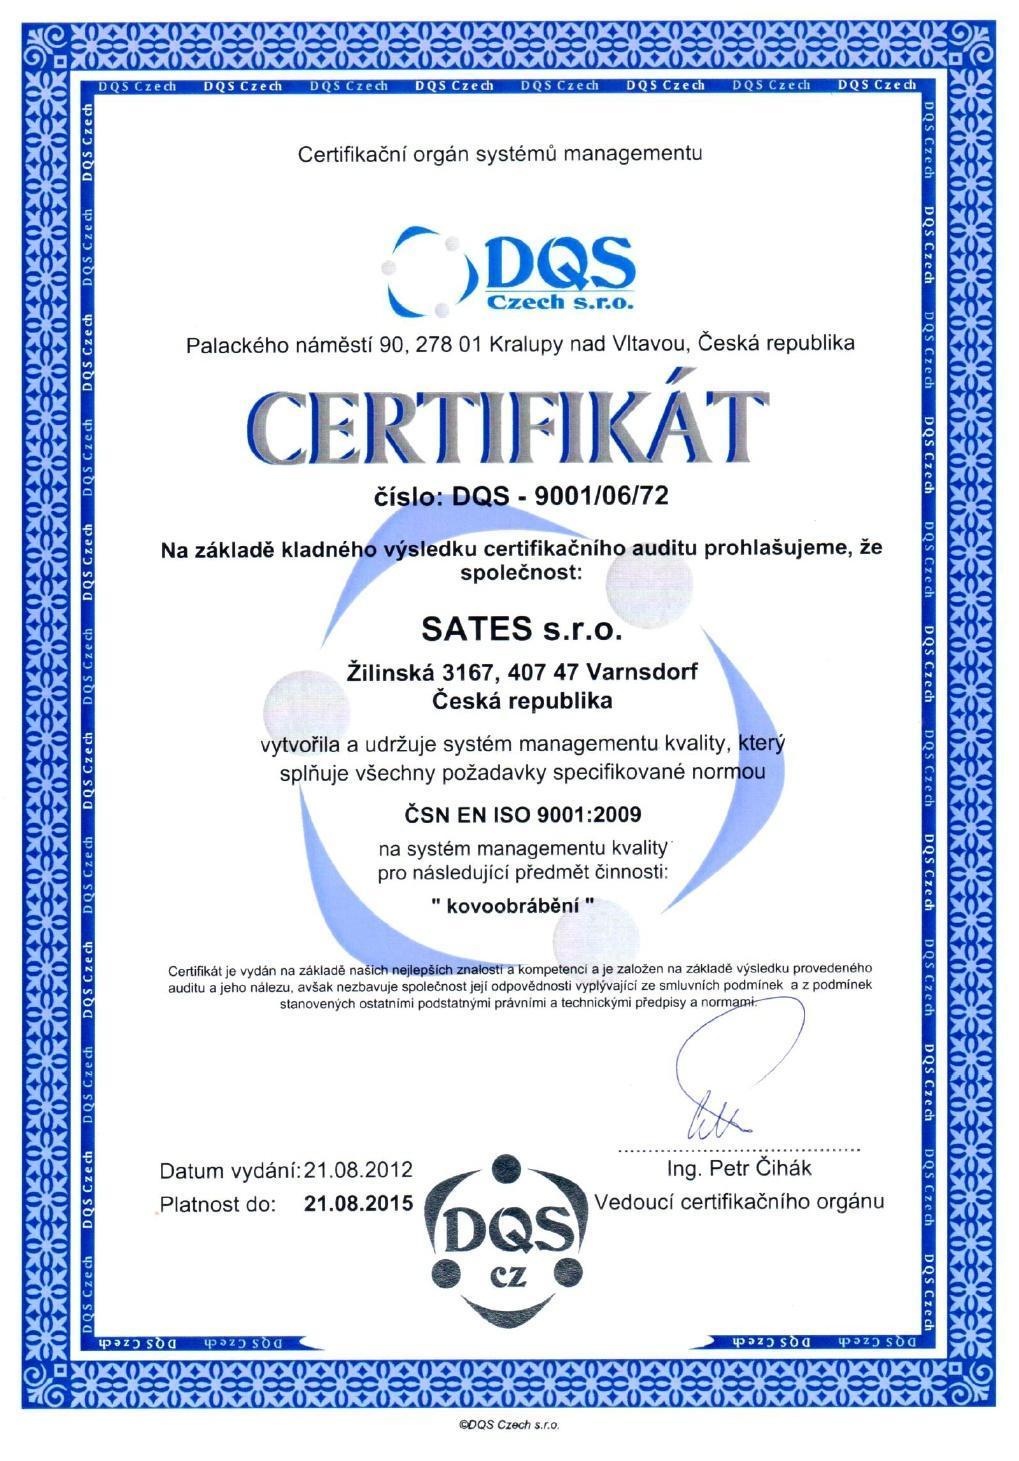 DQS ISO 2015